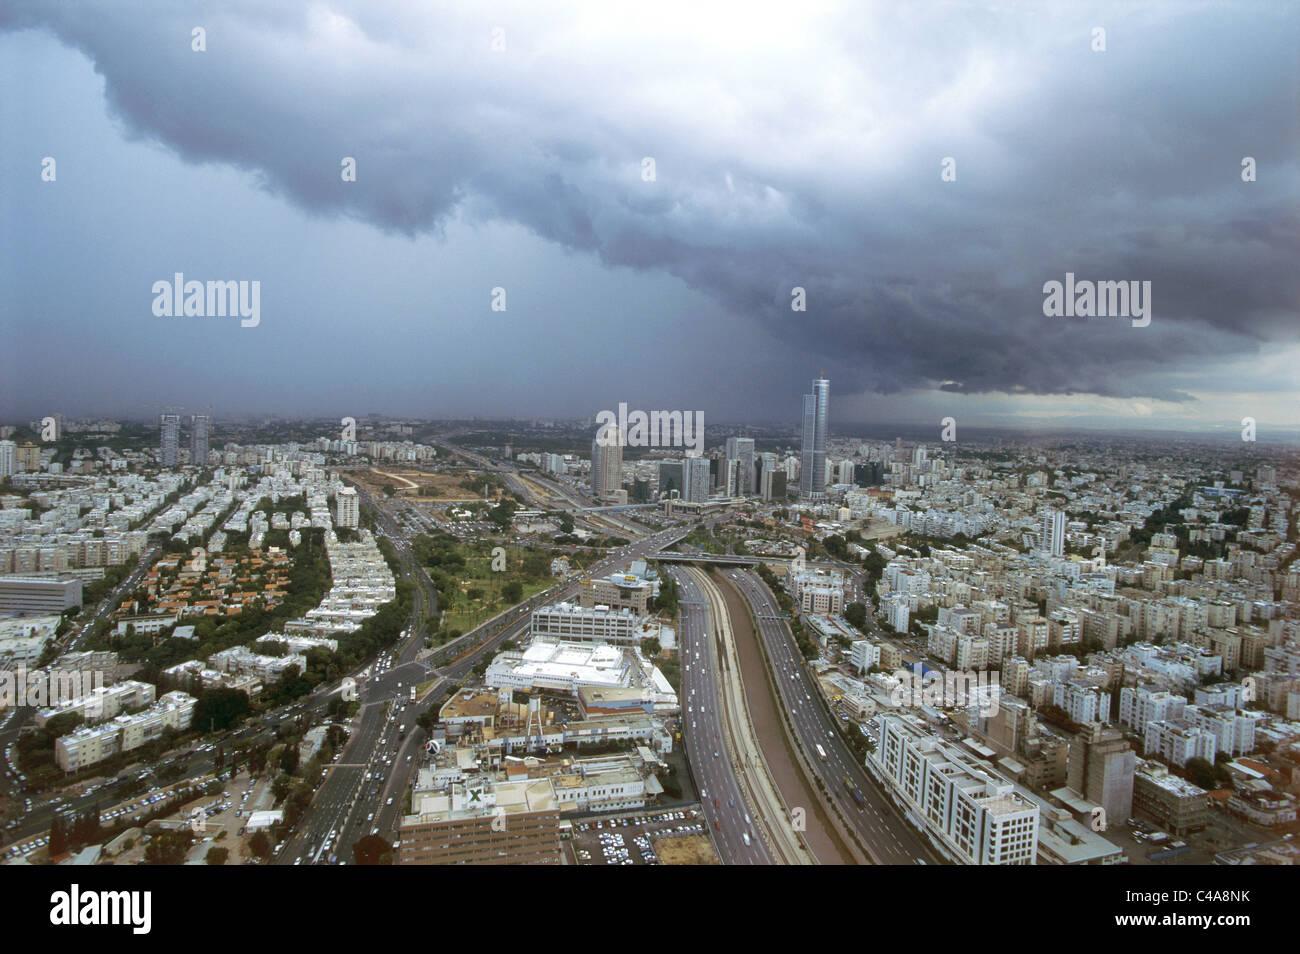 Vista aérea de Dan's Metropolis en invierno Imagen De Stock